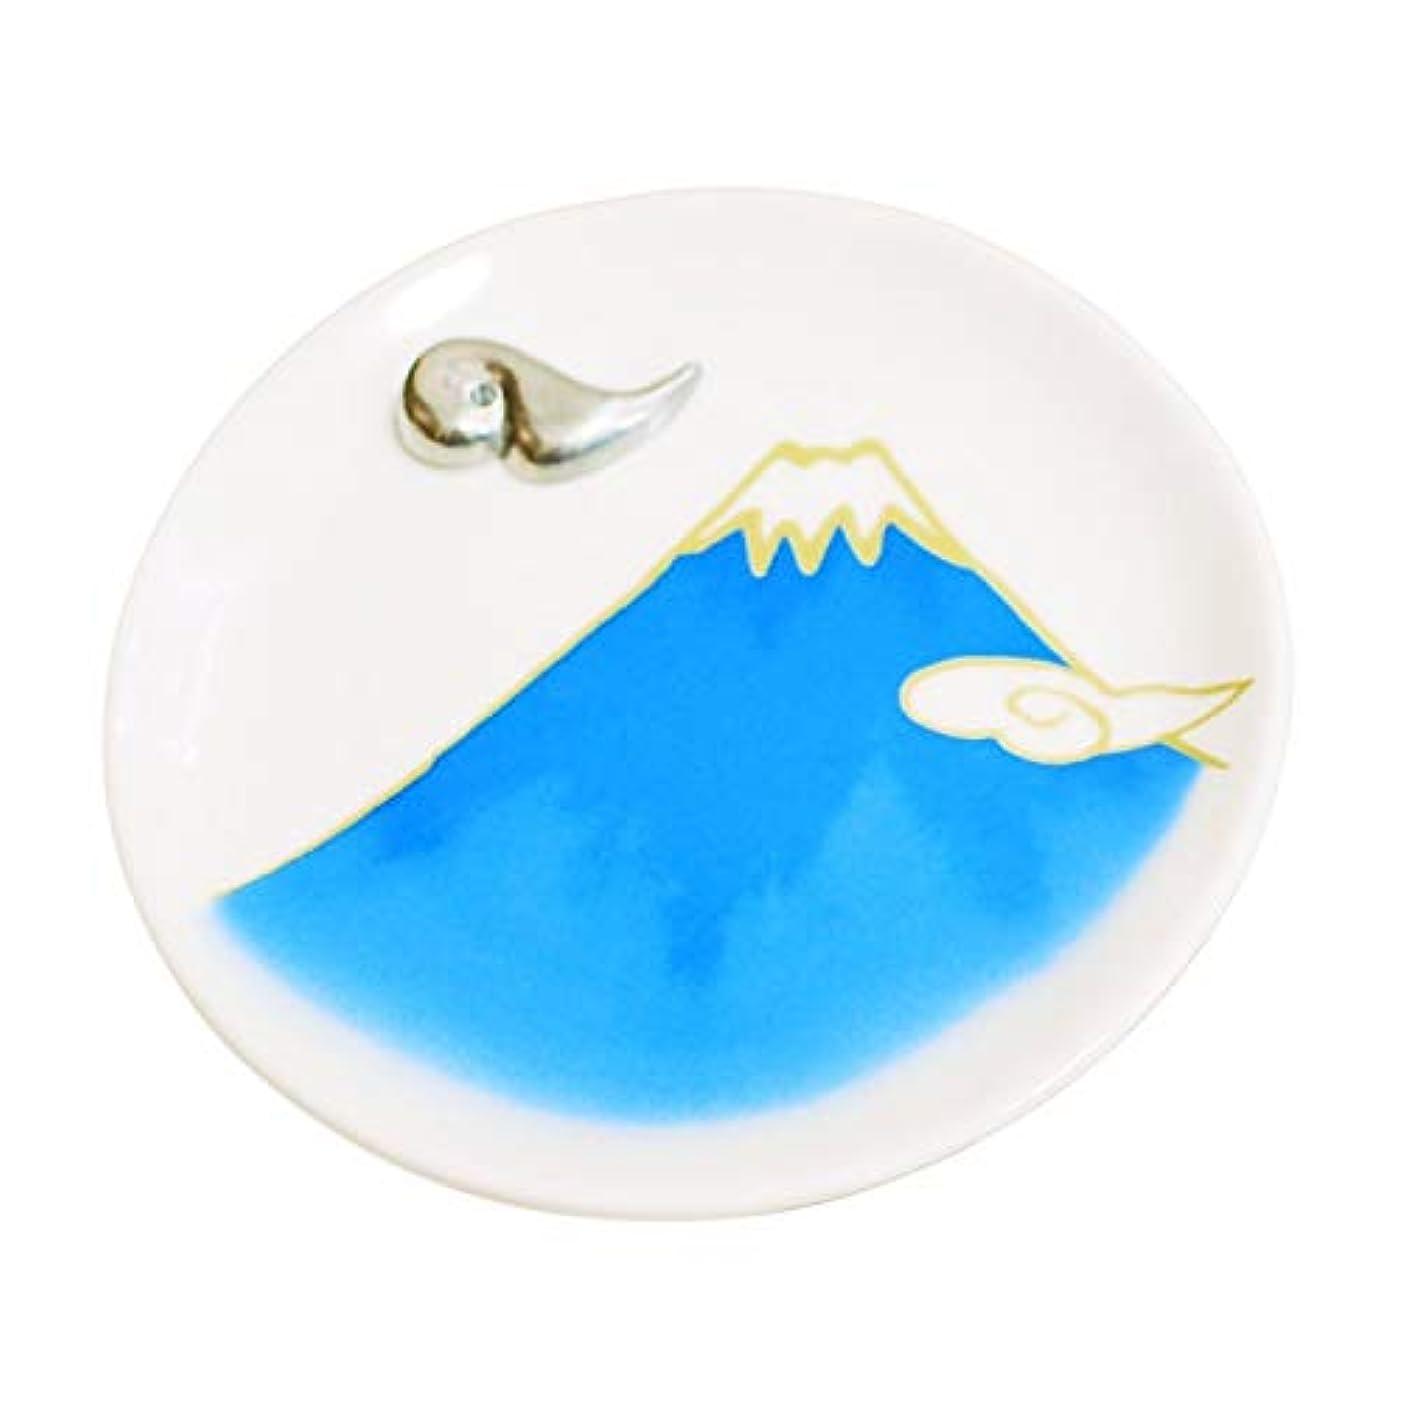 香皿 富士山 ブルー 雲型香立て付 青富士 香立 お線香立て Cセット